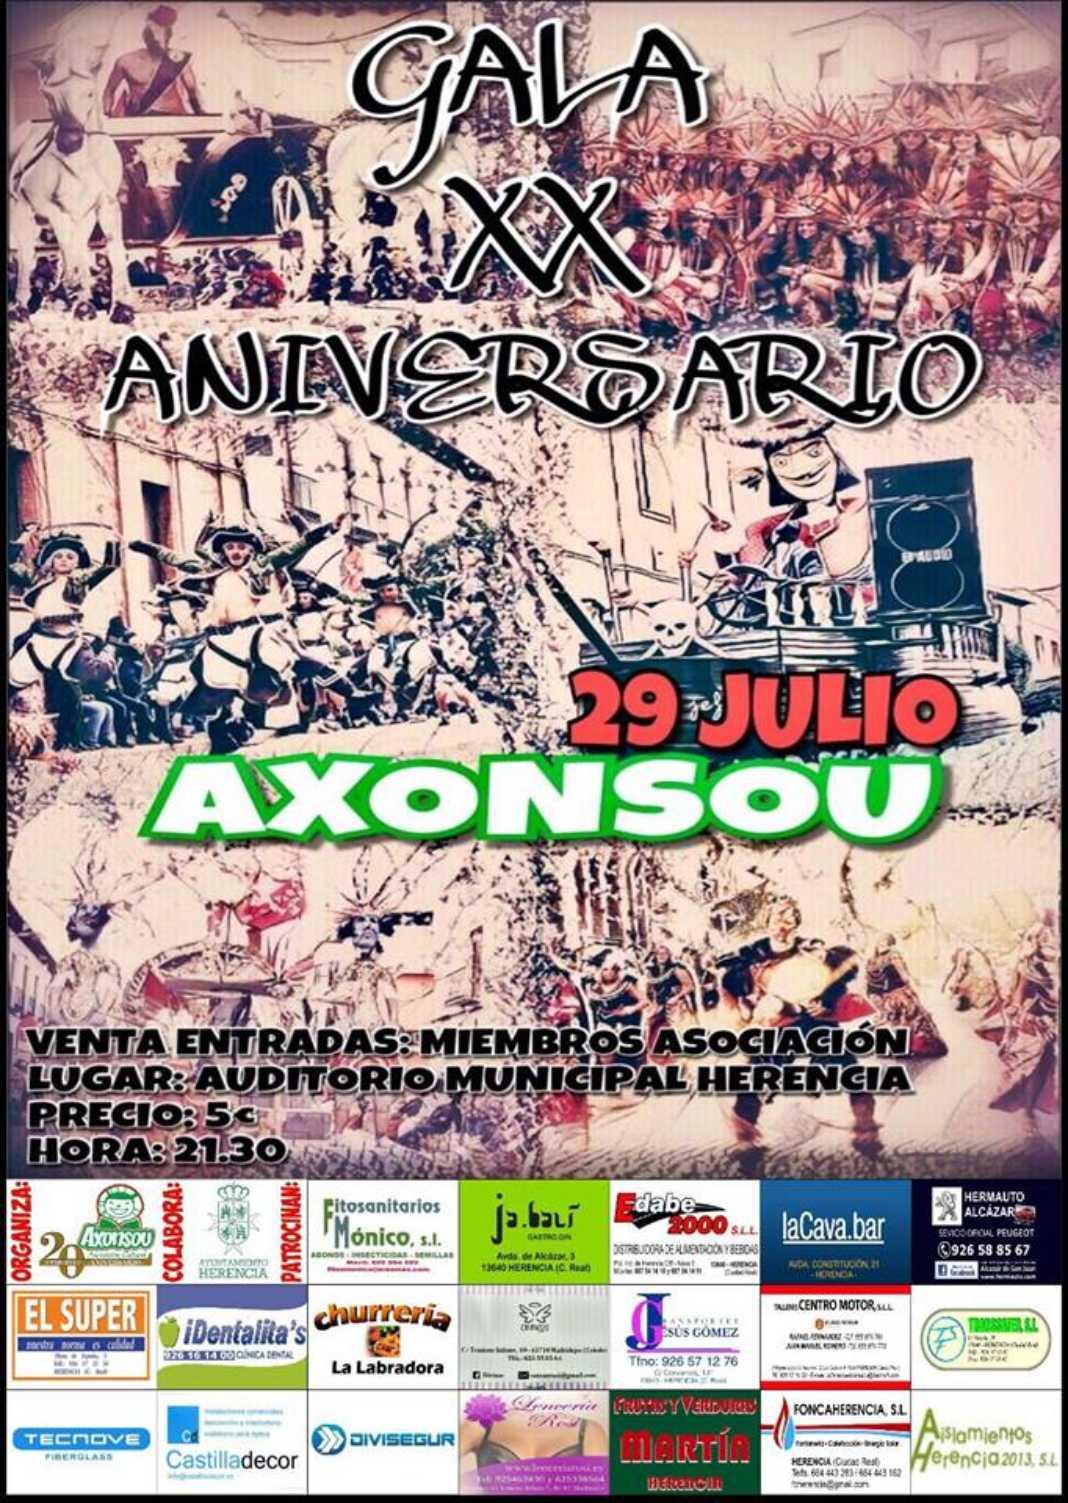 Gala XX aniversario de Axonsou 1068x1503 - Axonsou prepara una gala para celebrar su vigésimo aniversario